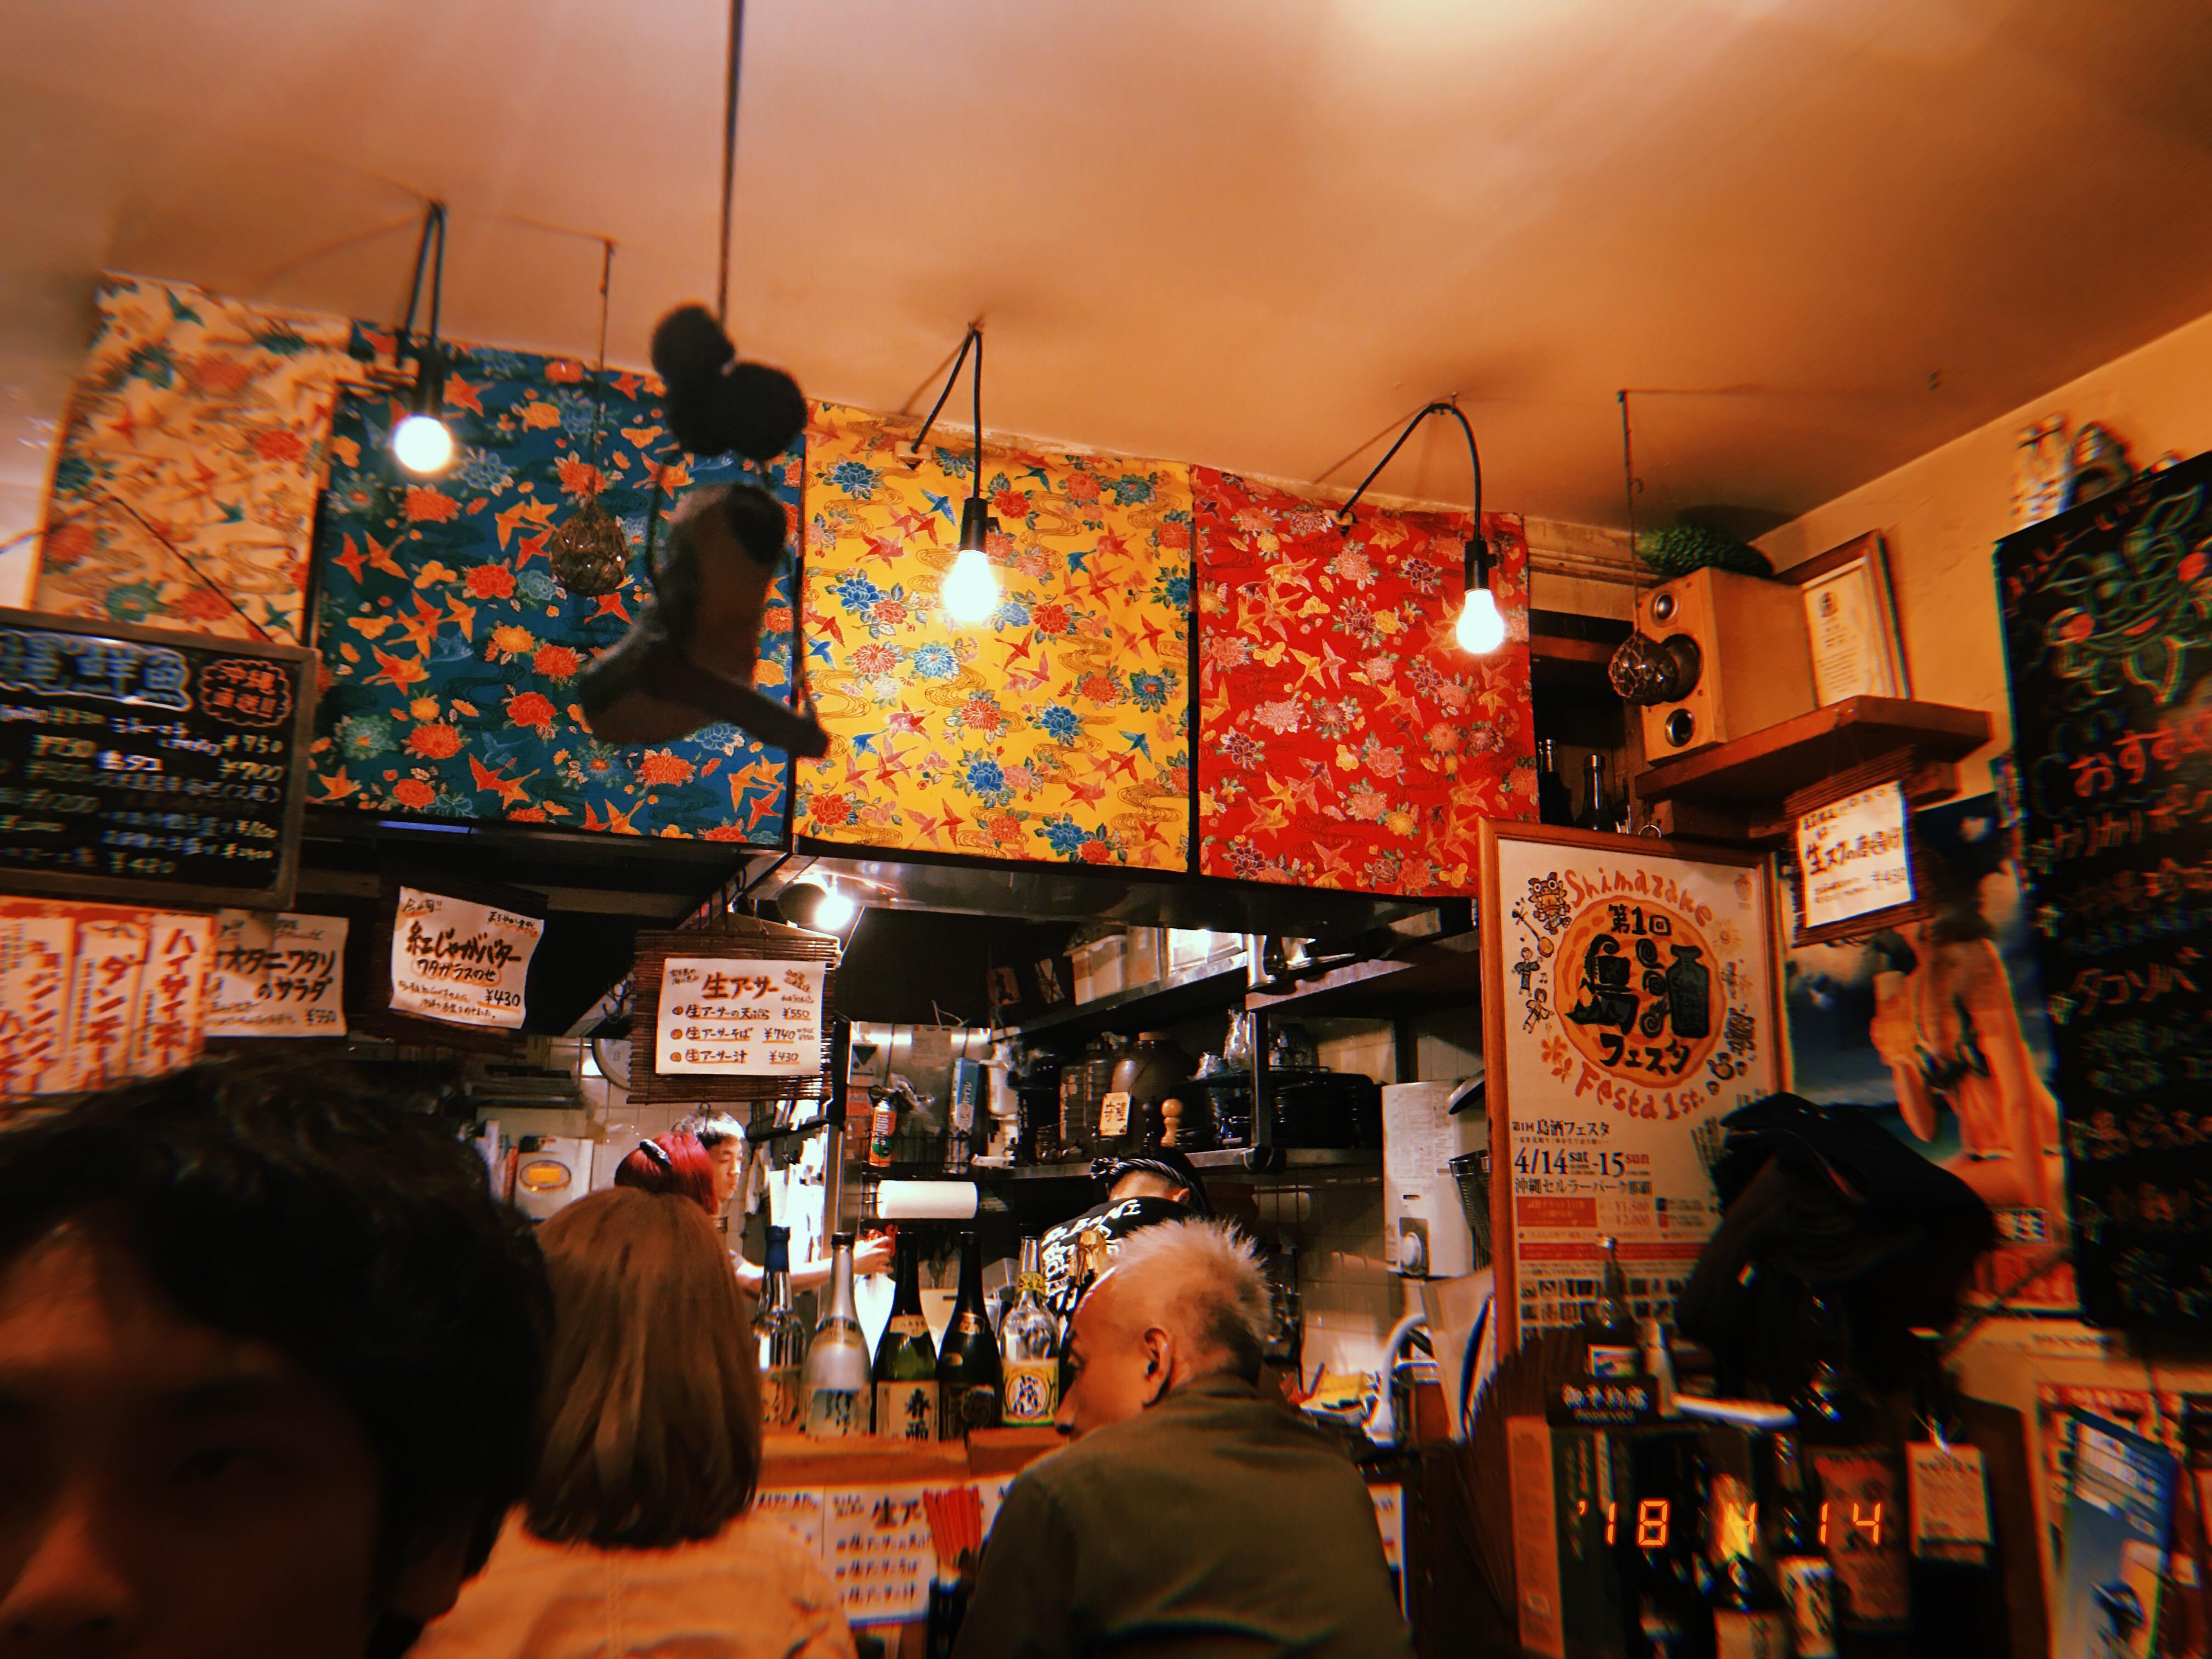 Huji 沖縄商店街